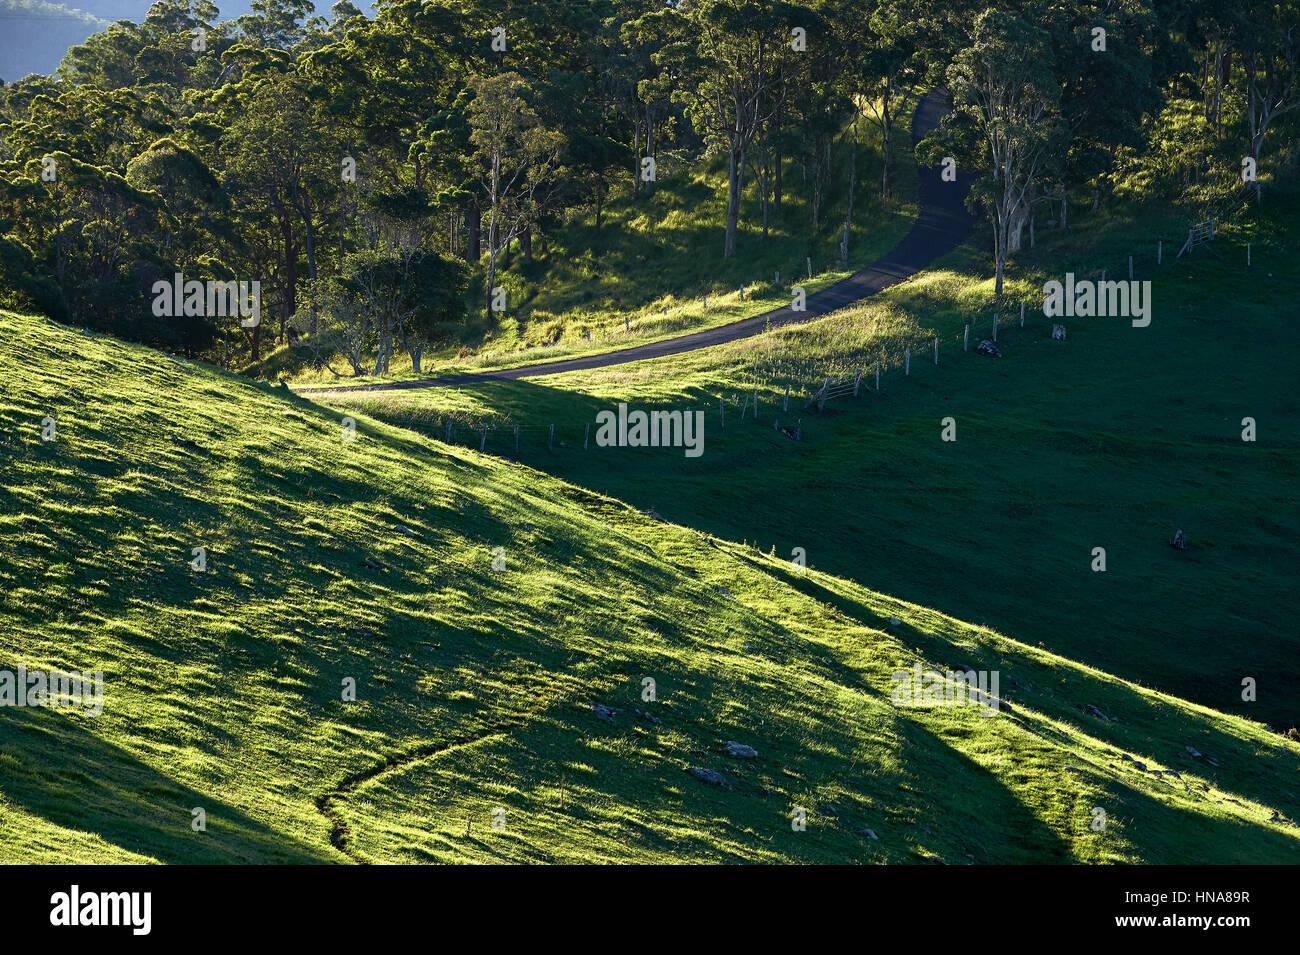 Rollende grüne Weiden mit Bitumen Straße im Hintergrund Stockbild